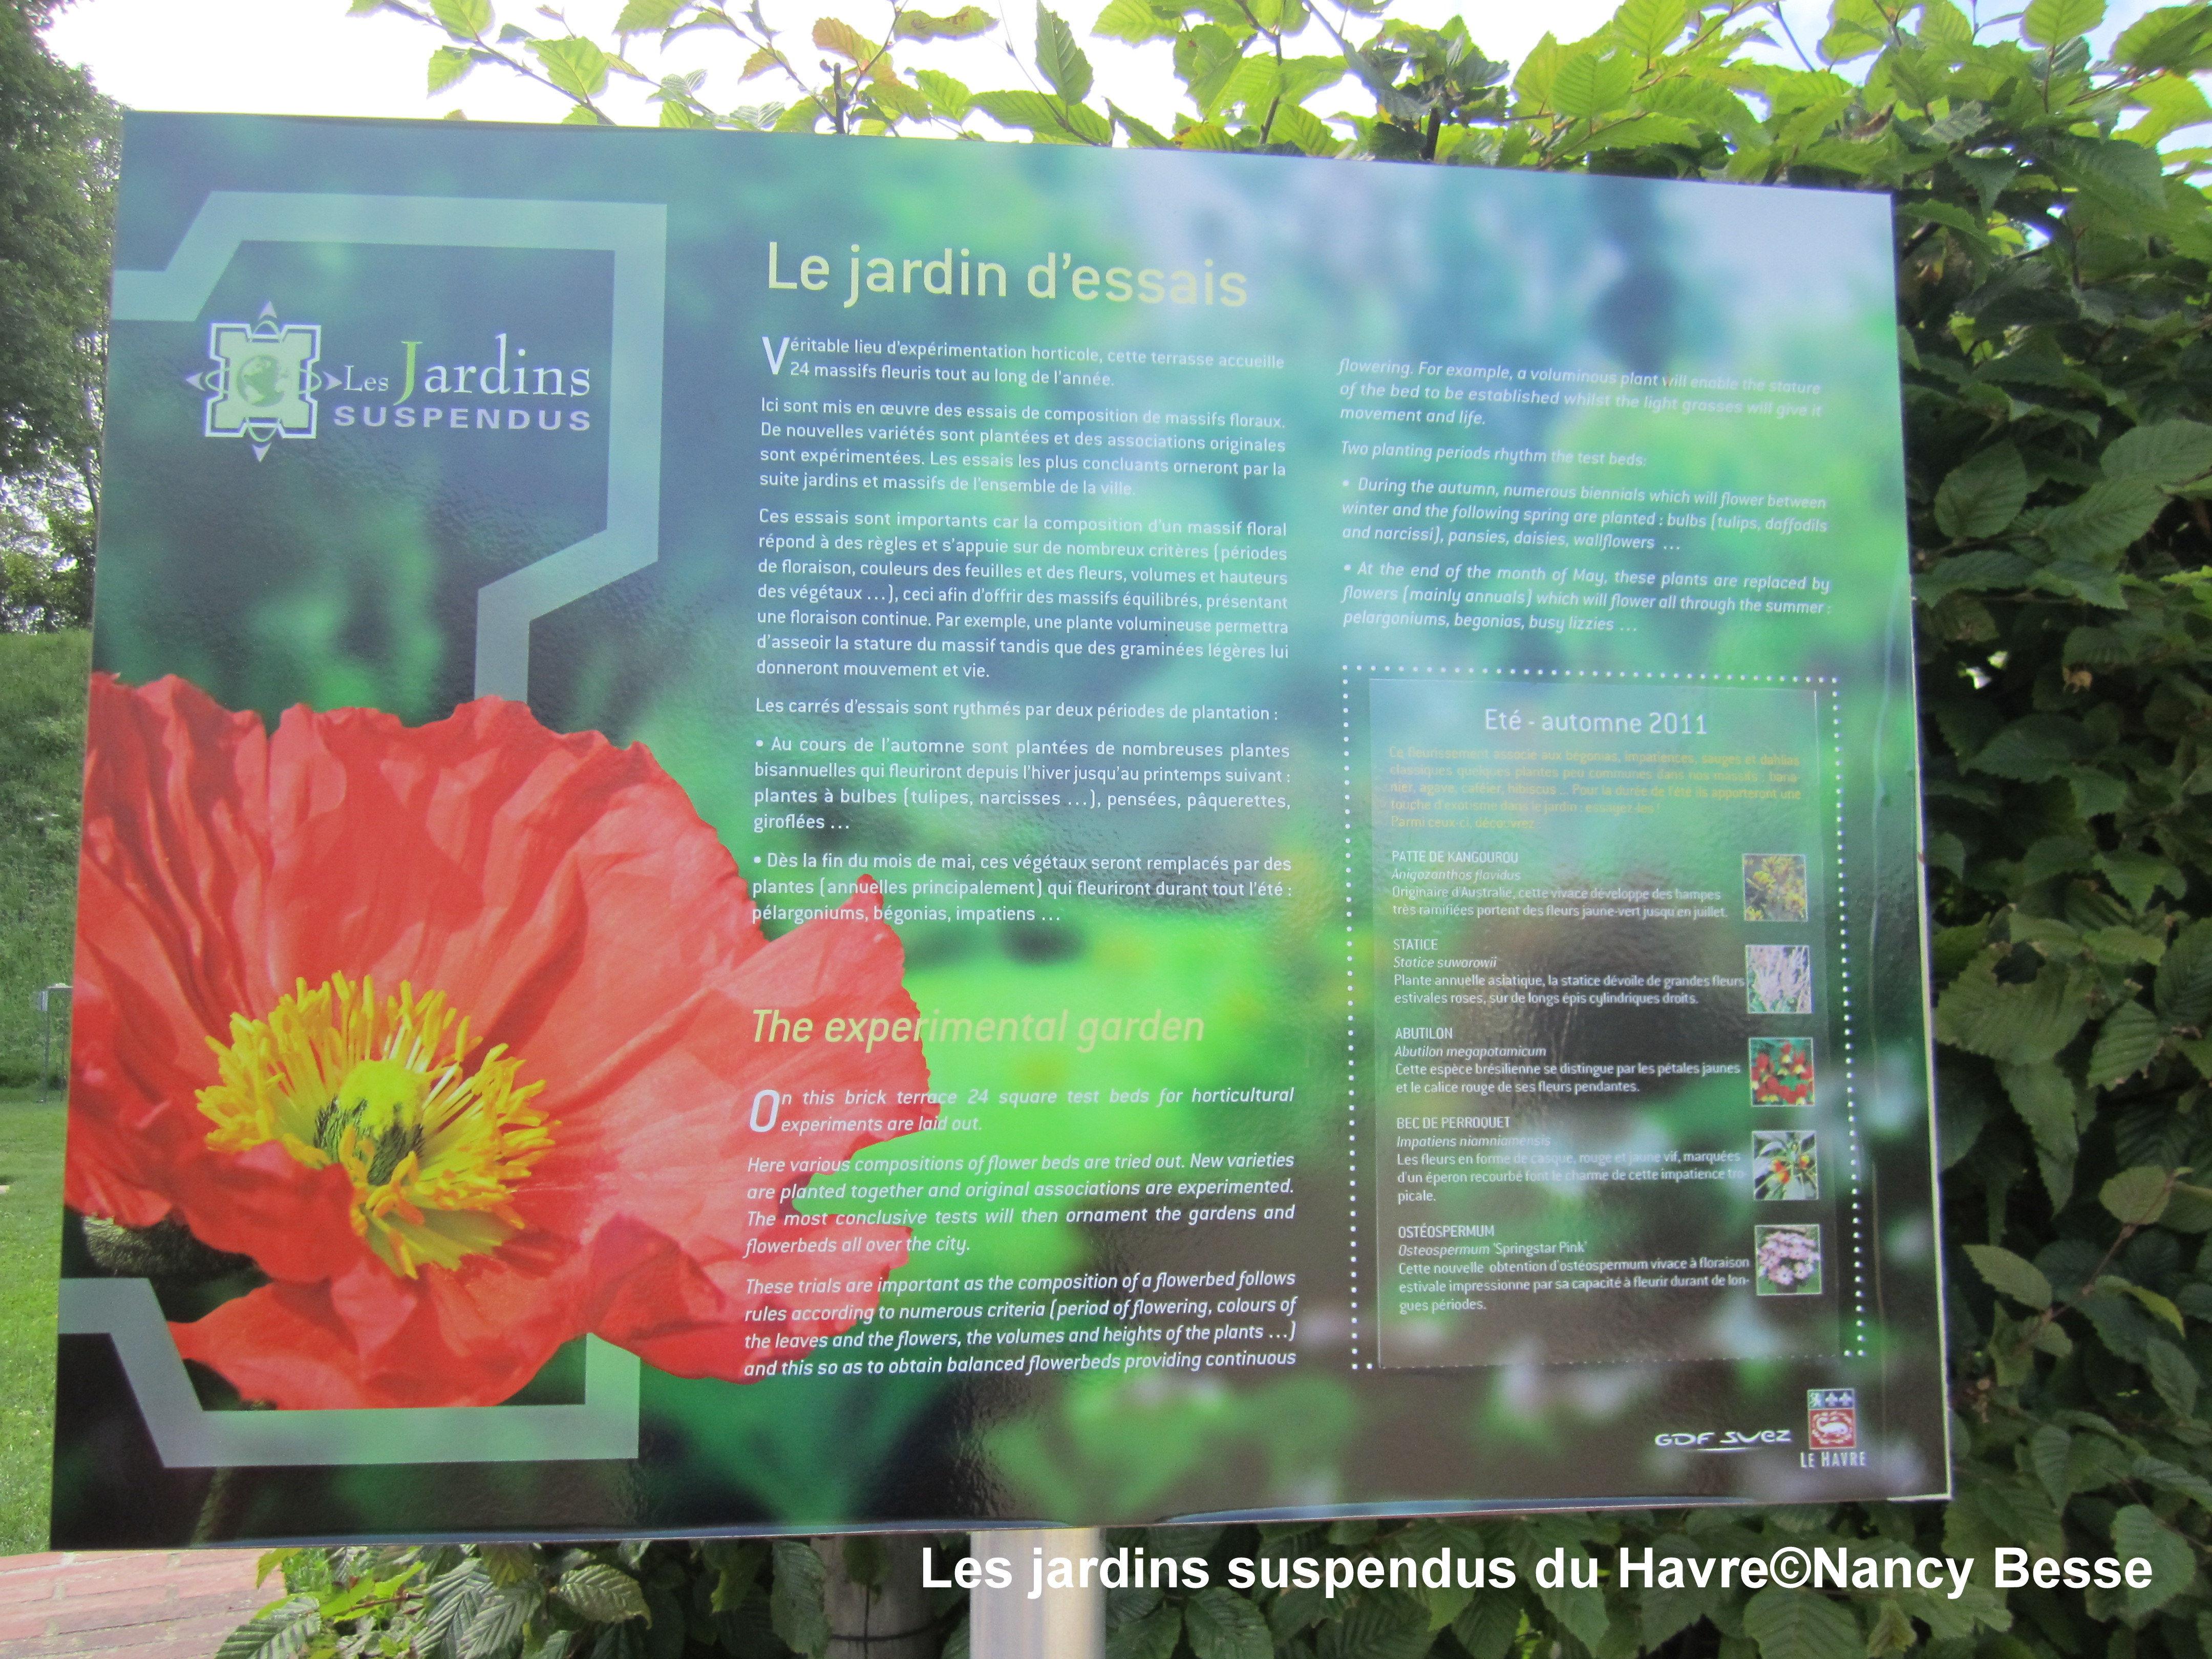 Voyagez stylées : Les jardins suspendus du Havre 08